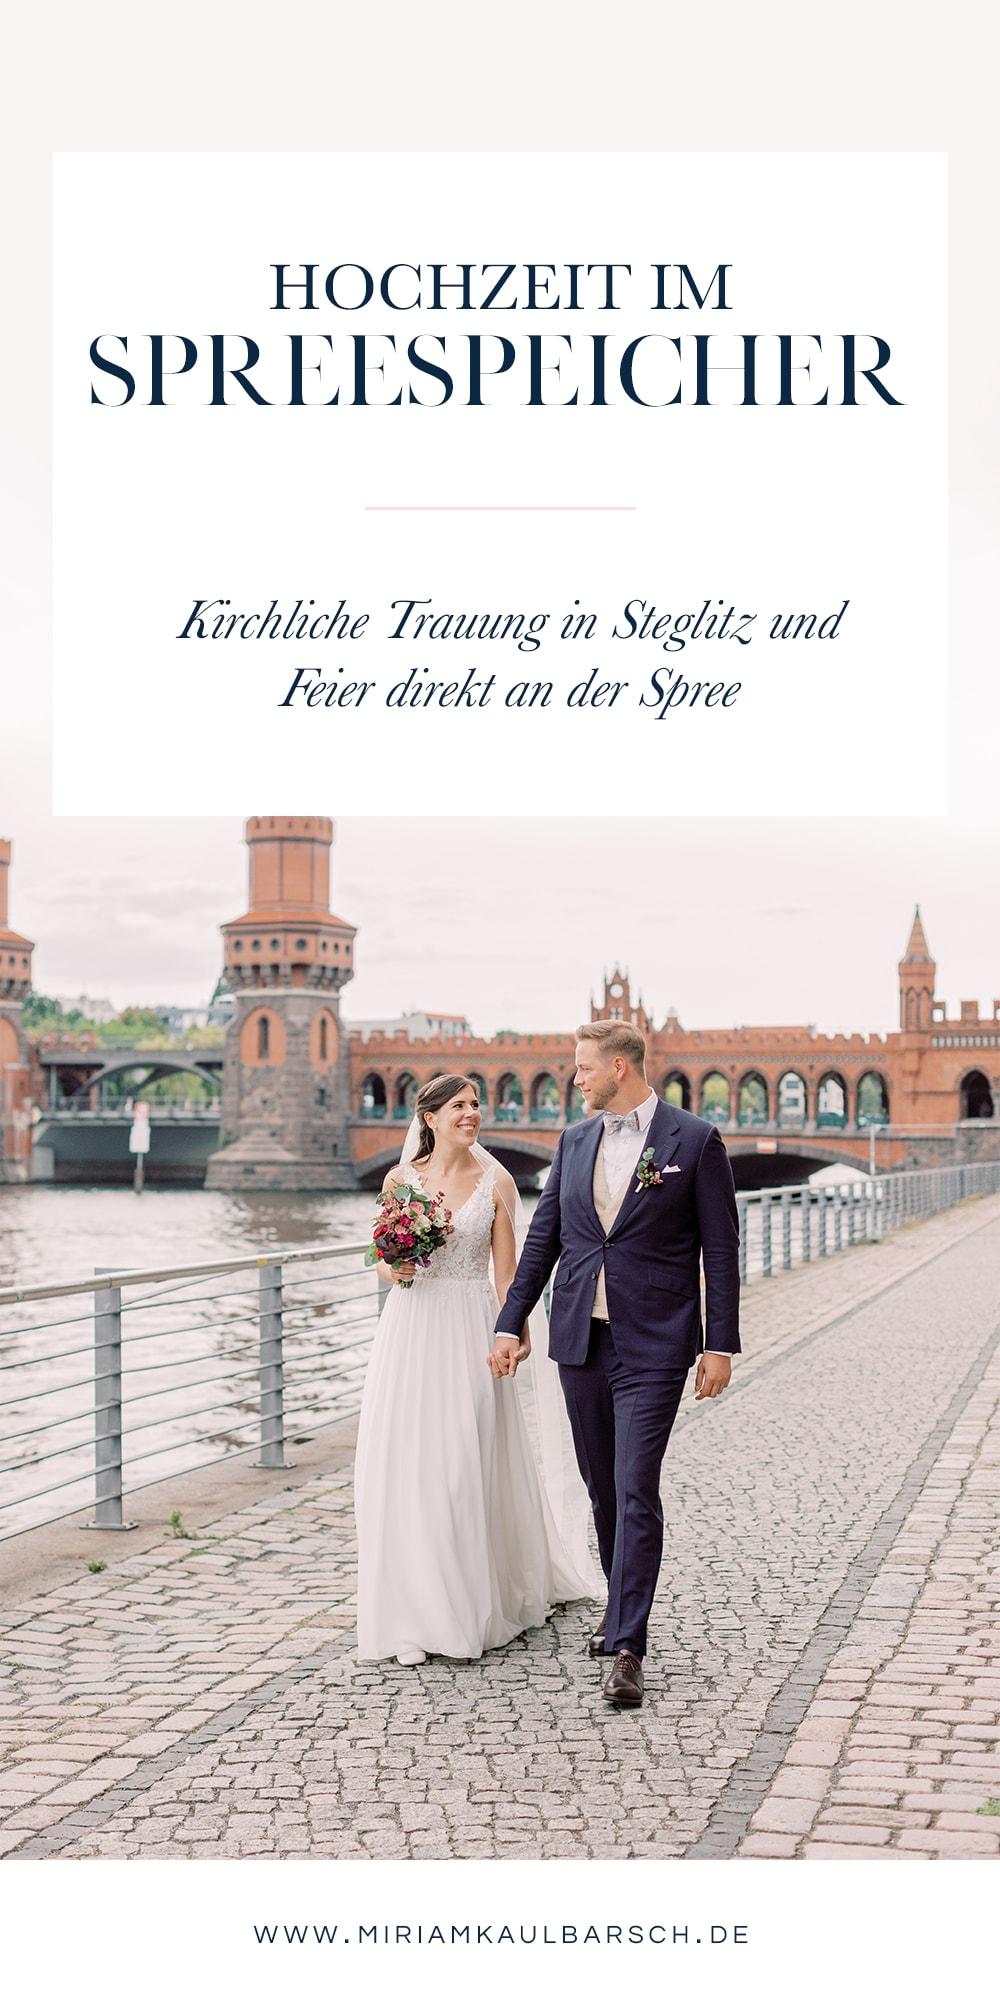 Hochzeit im Spreespeicher Berlin mit kirchlicher Trauung in Steglitz